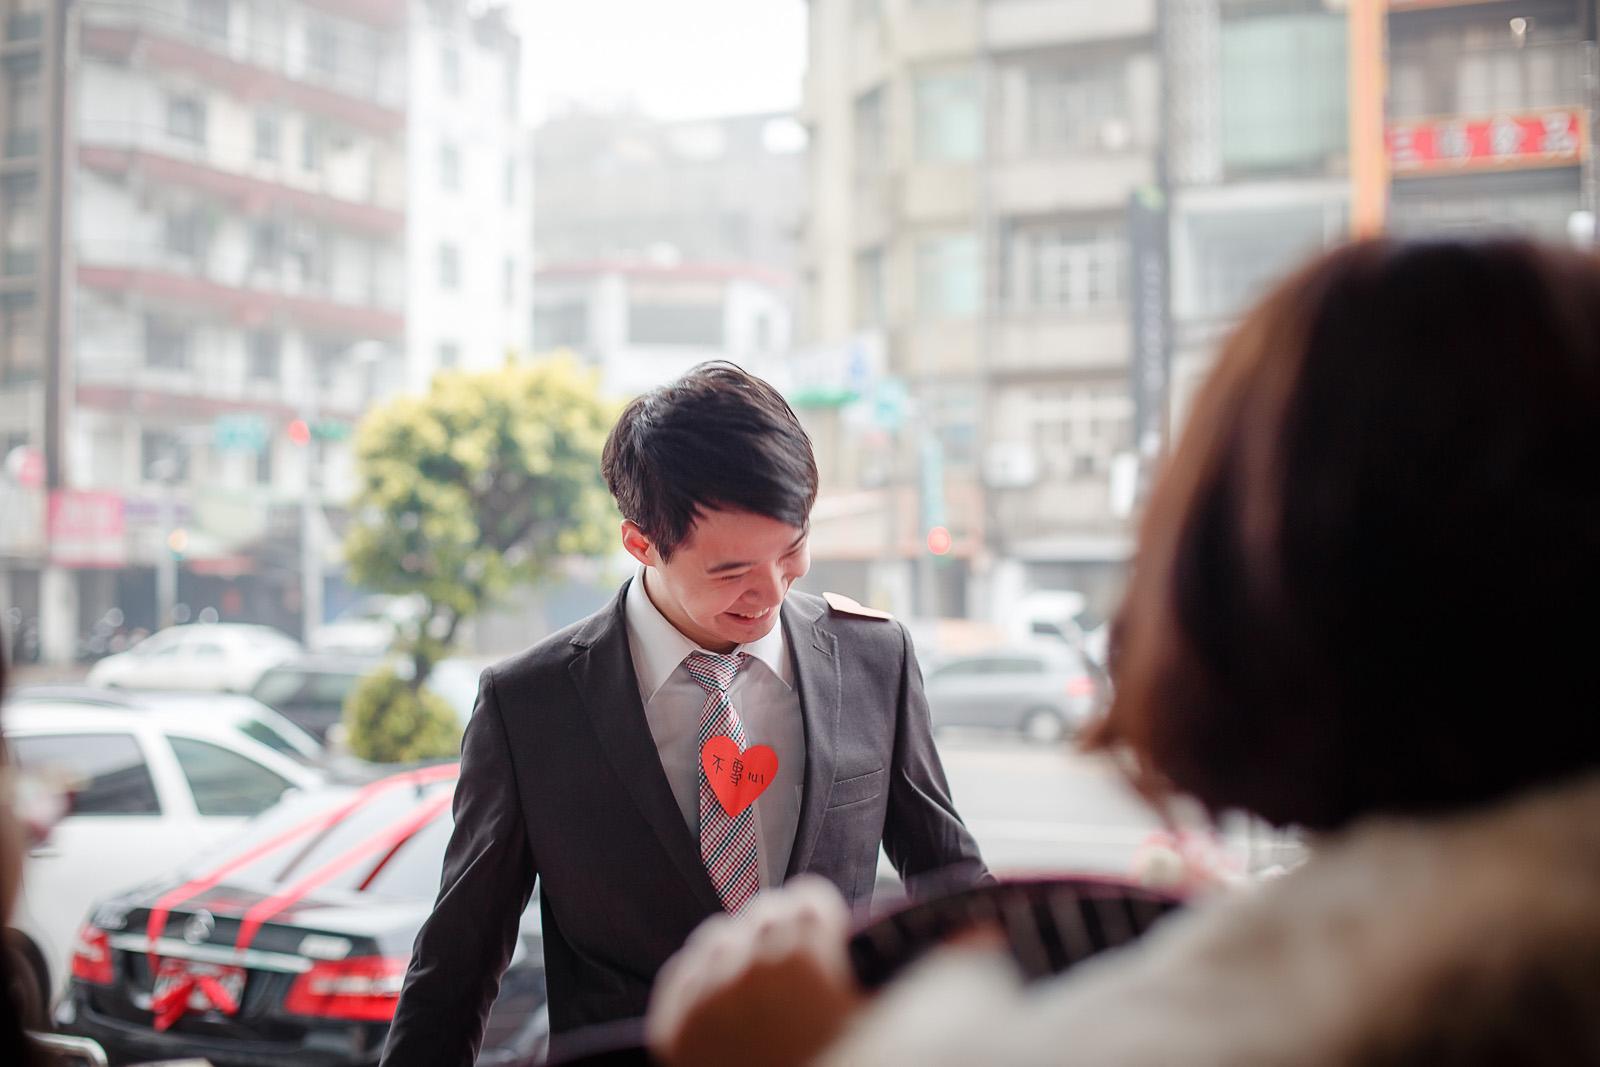 高雄圓山飯店,婚禮攝影,婚攝,高雄婚攝,優質婚攝推薦,Jen&Ethan-093